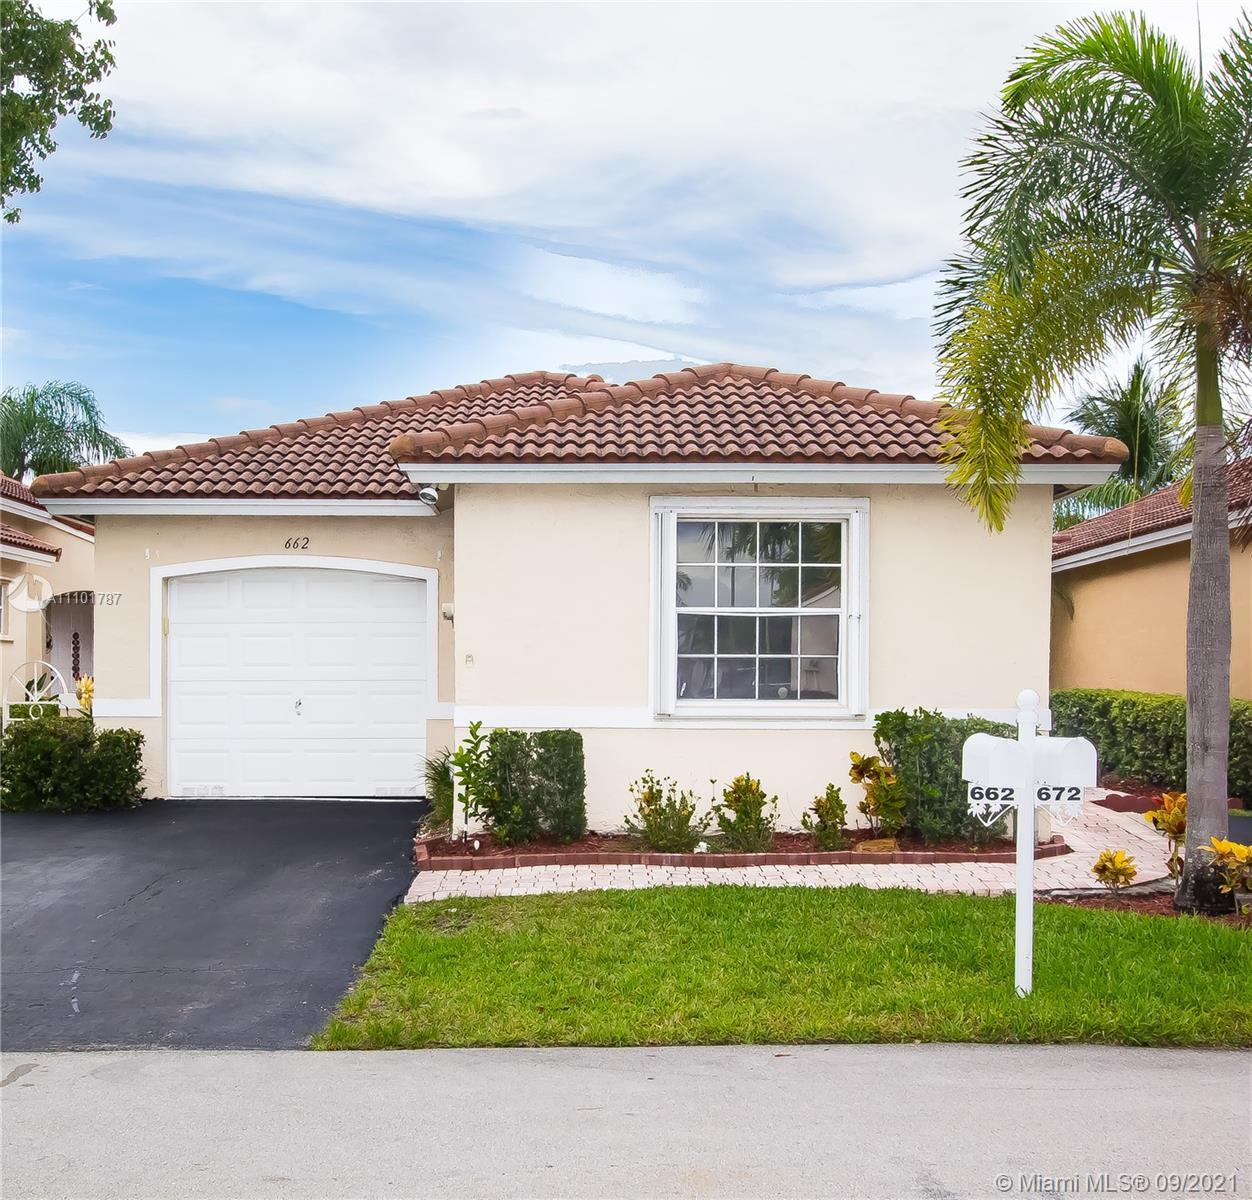 Silver Lakes - 662 NW 173rd Terrace, Pembroke Pines, FL 33029